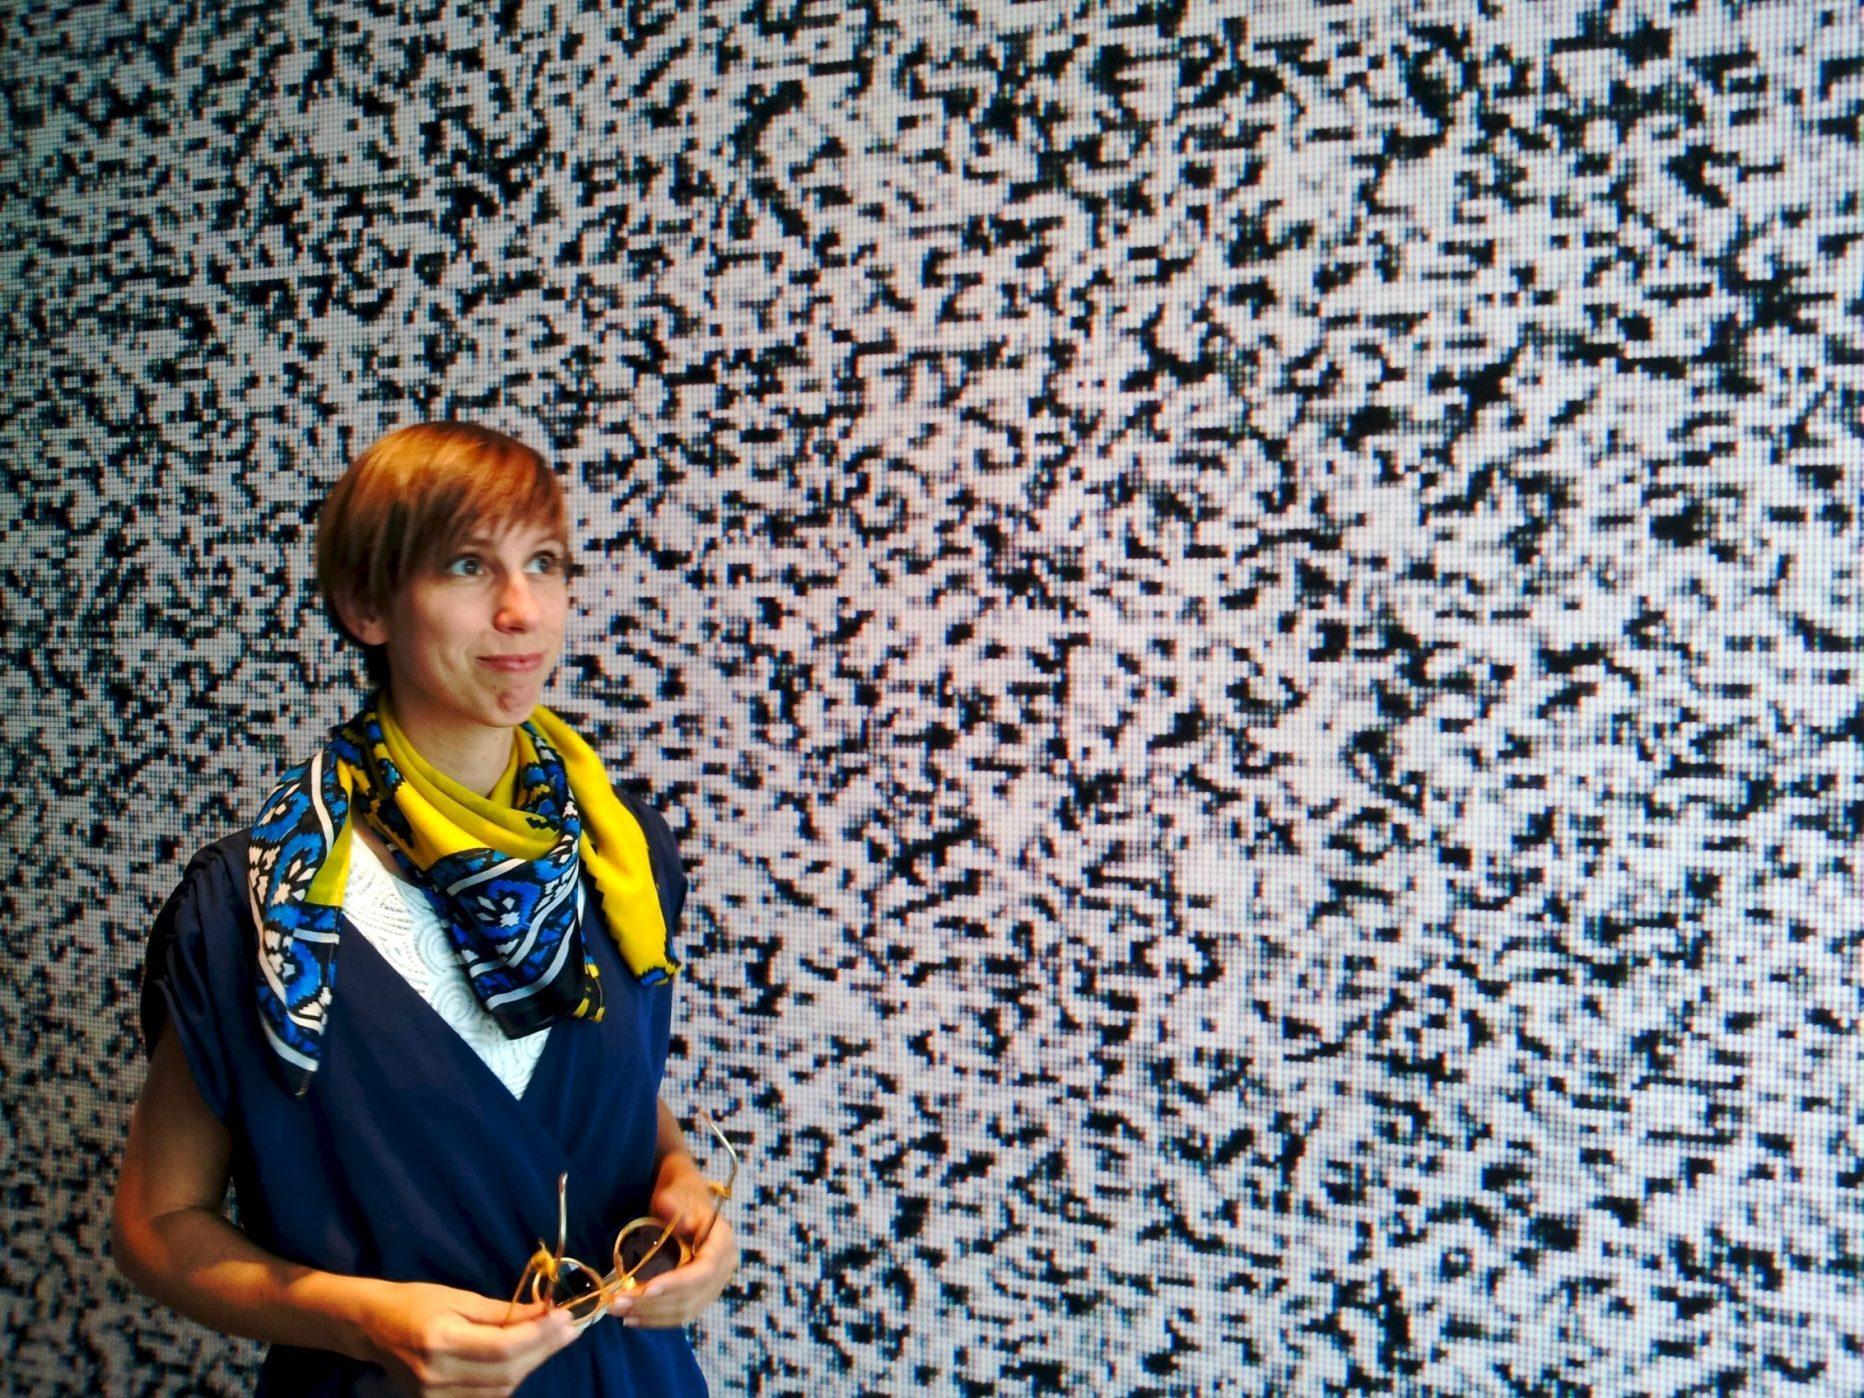 2014-Juli Reinecke, Berlin Biennale, C -Kerstin Niemann 2014